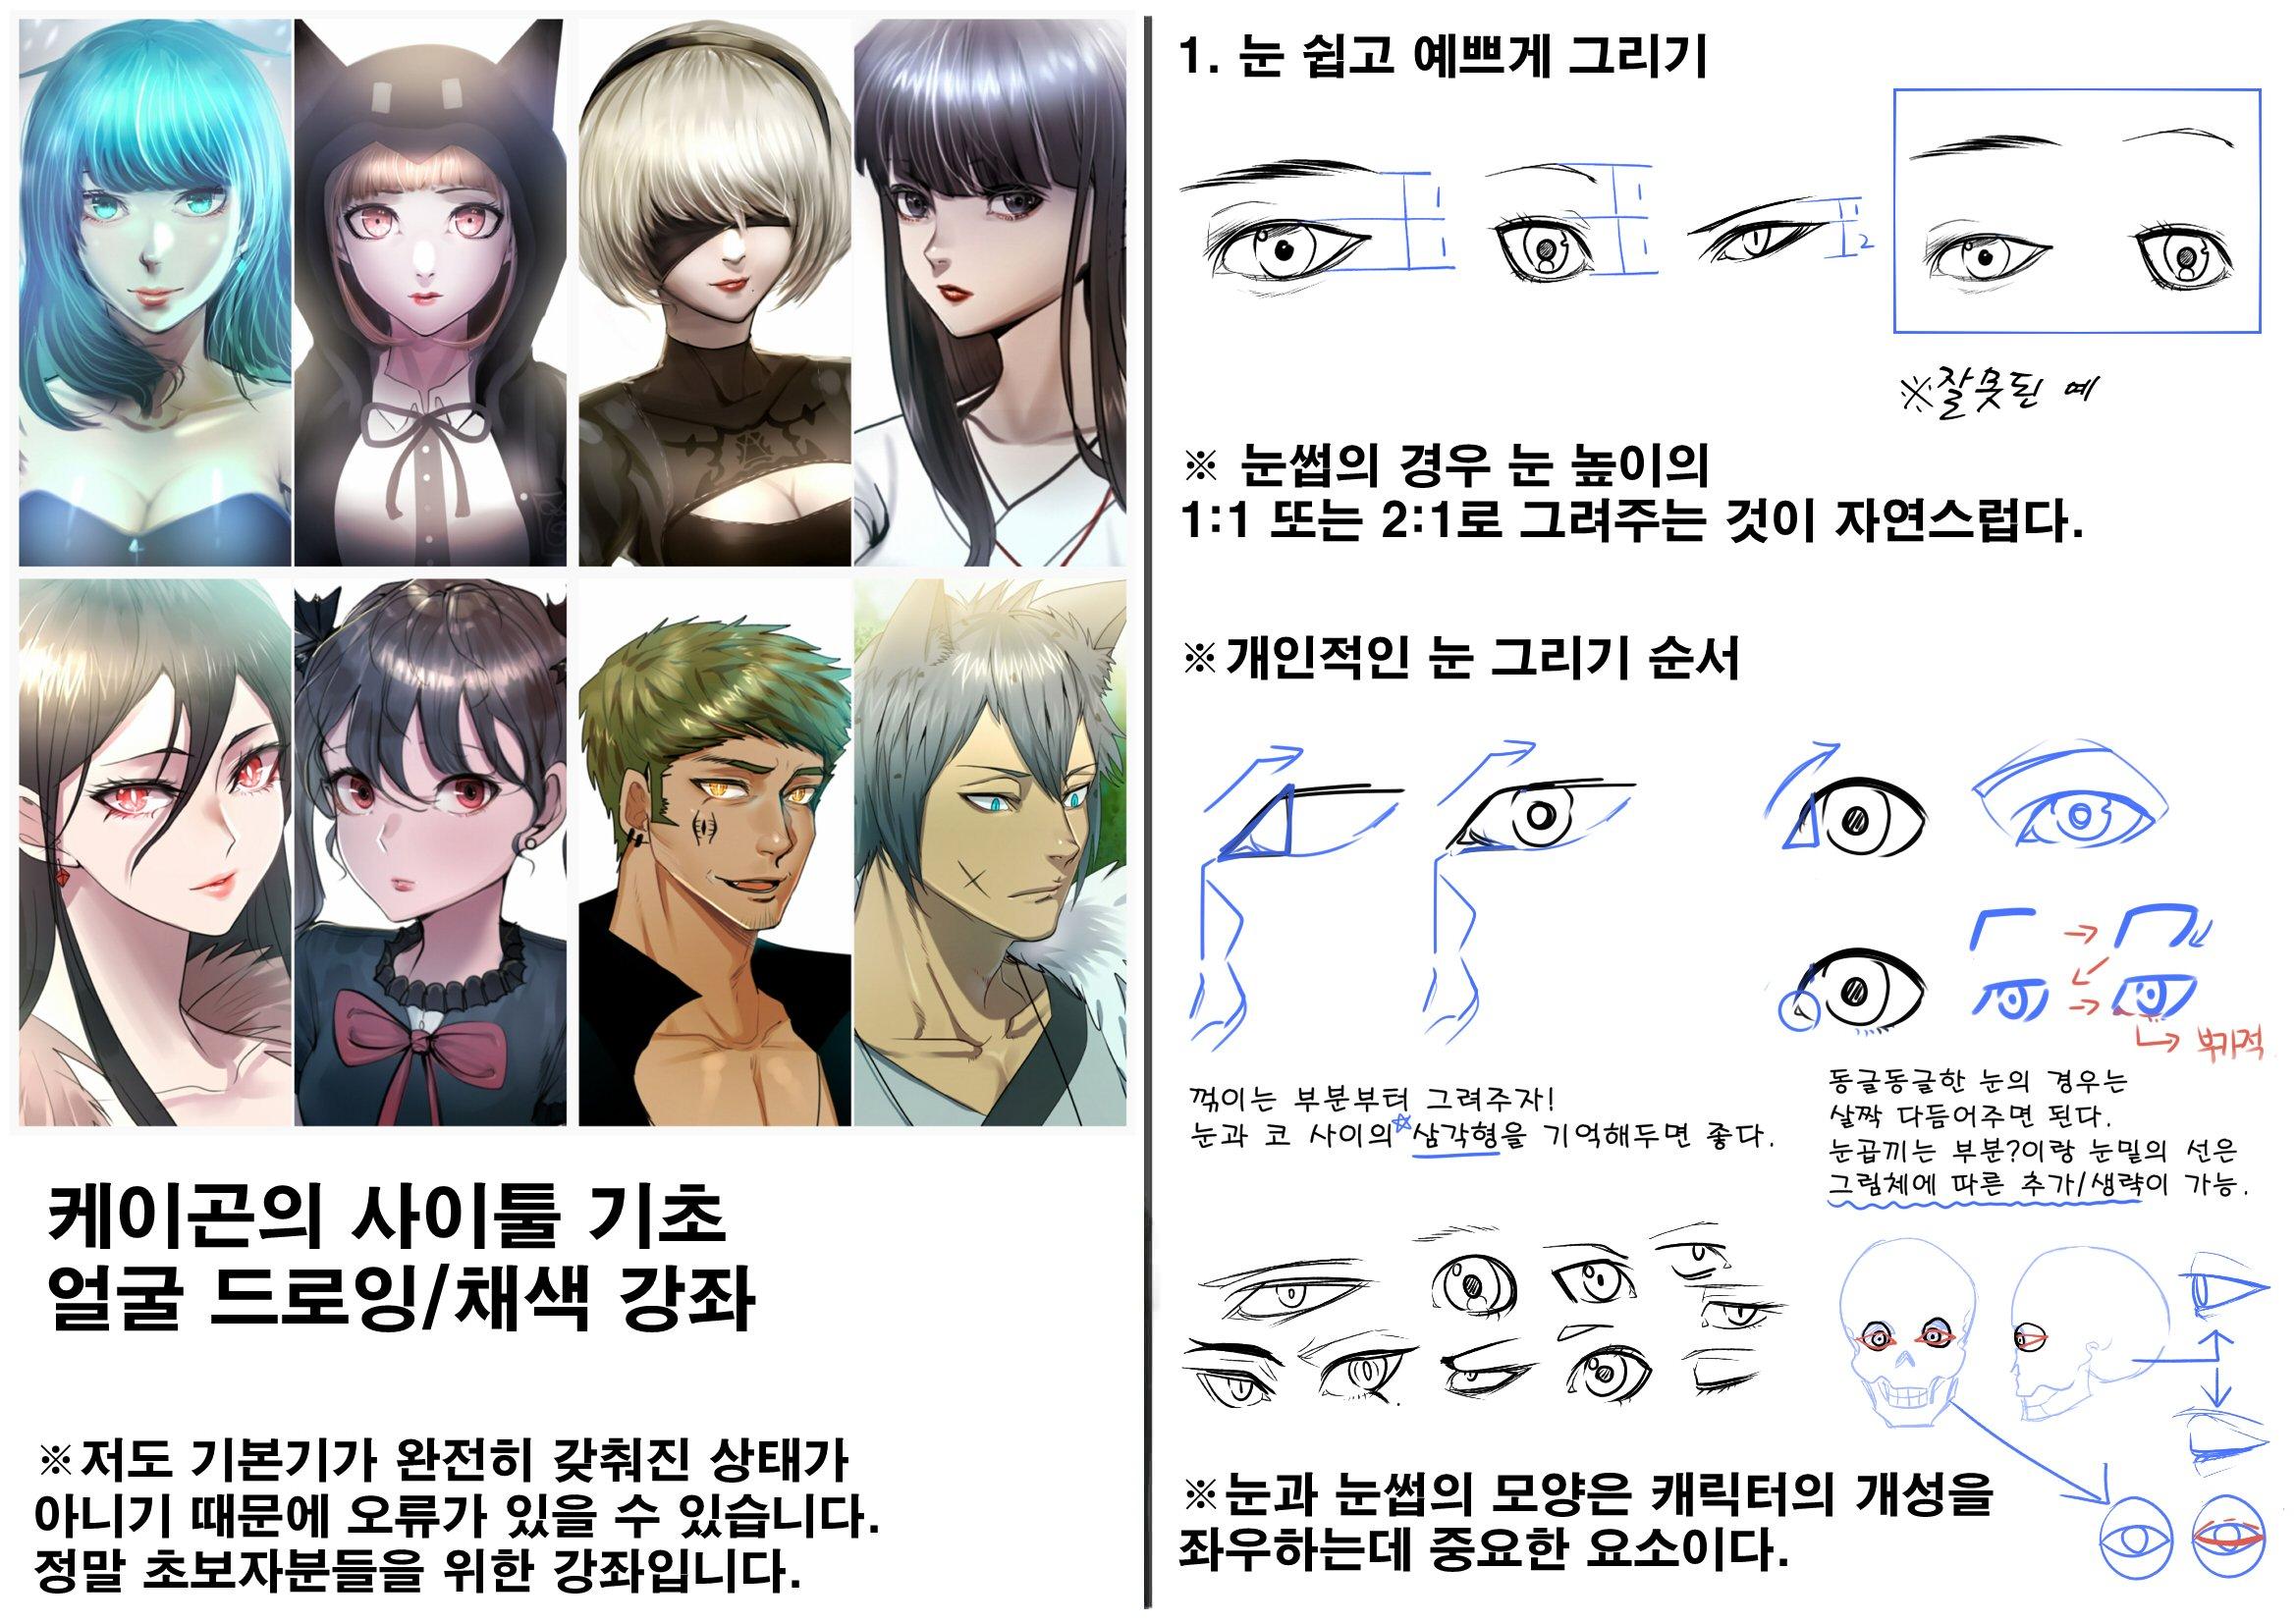 케이곤의 사이툴 기초 얼굴 드로잉/채색 강좌 1 - 눈 쉽고 예쁘게 그리기